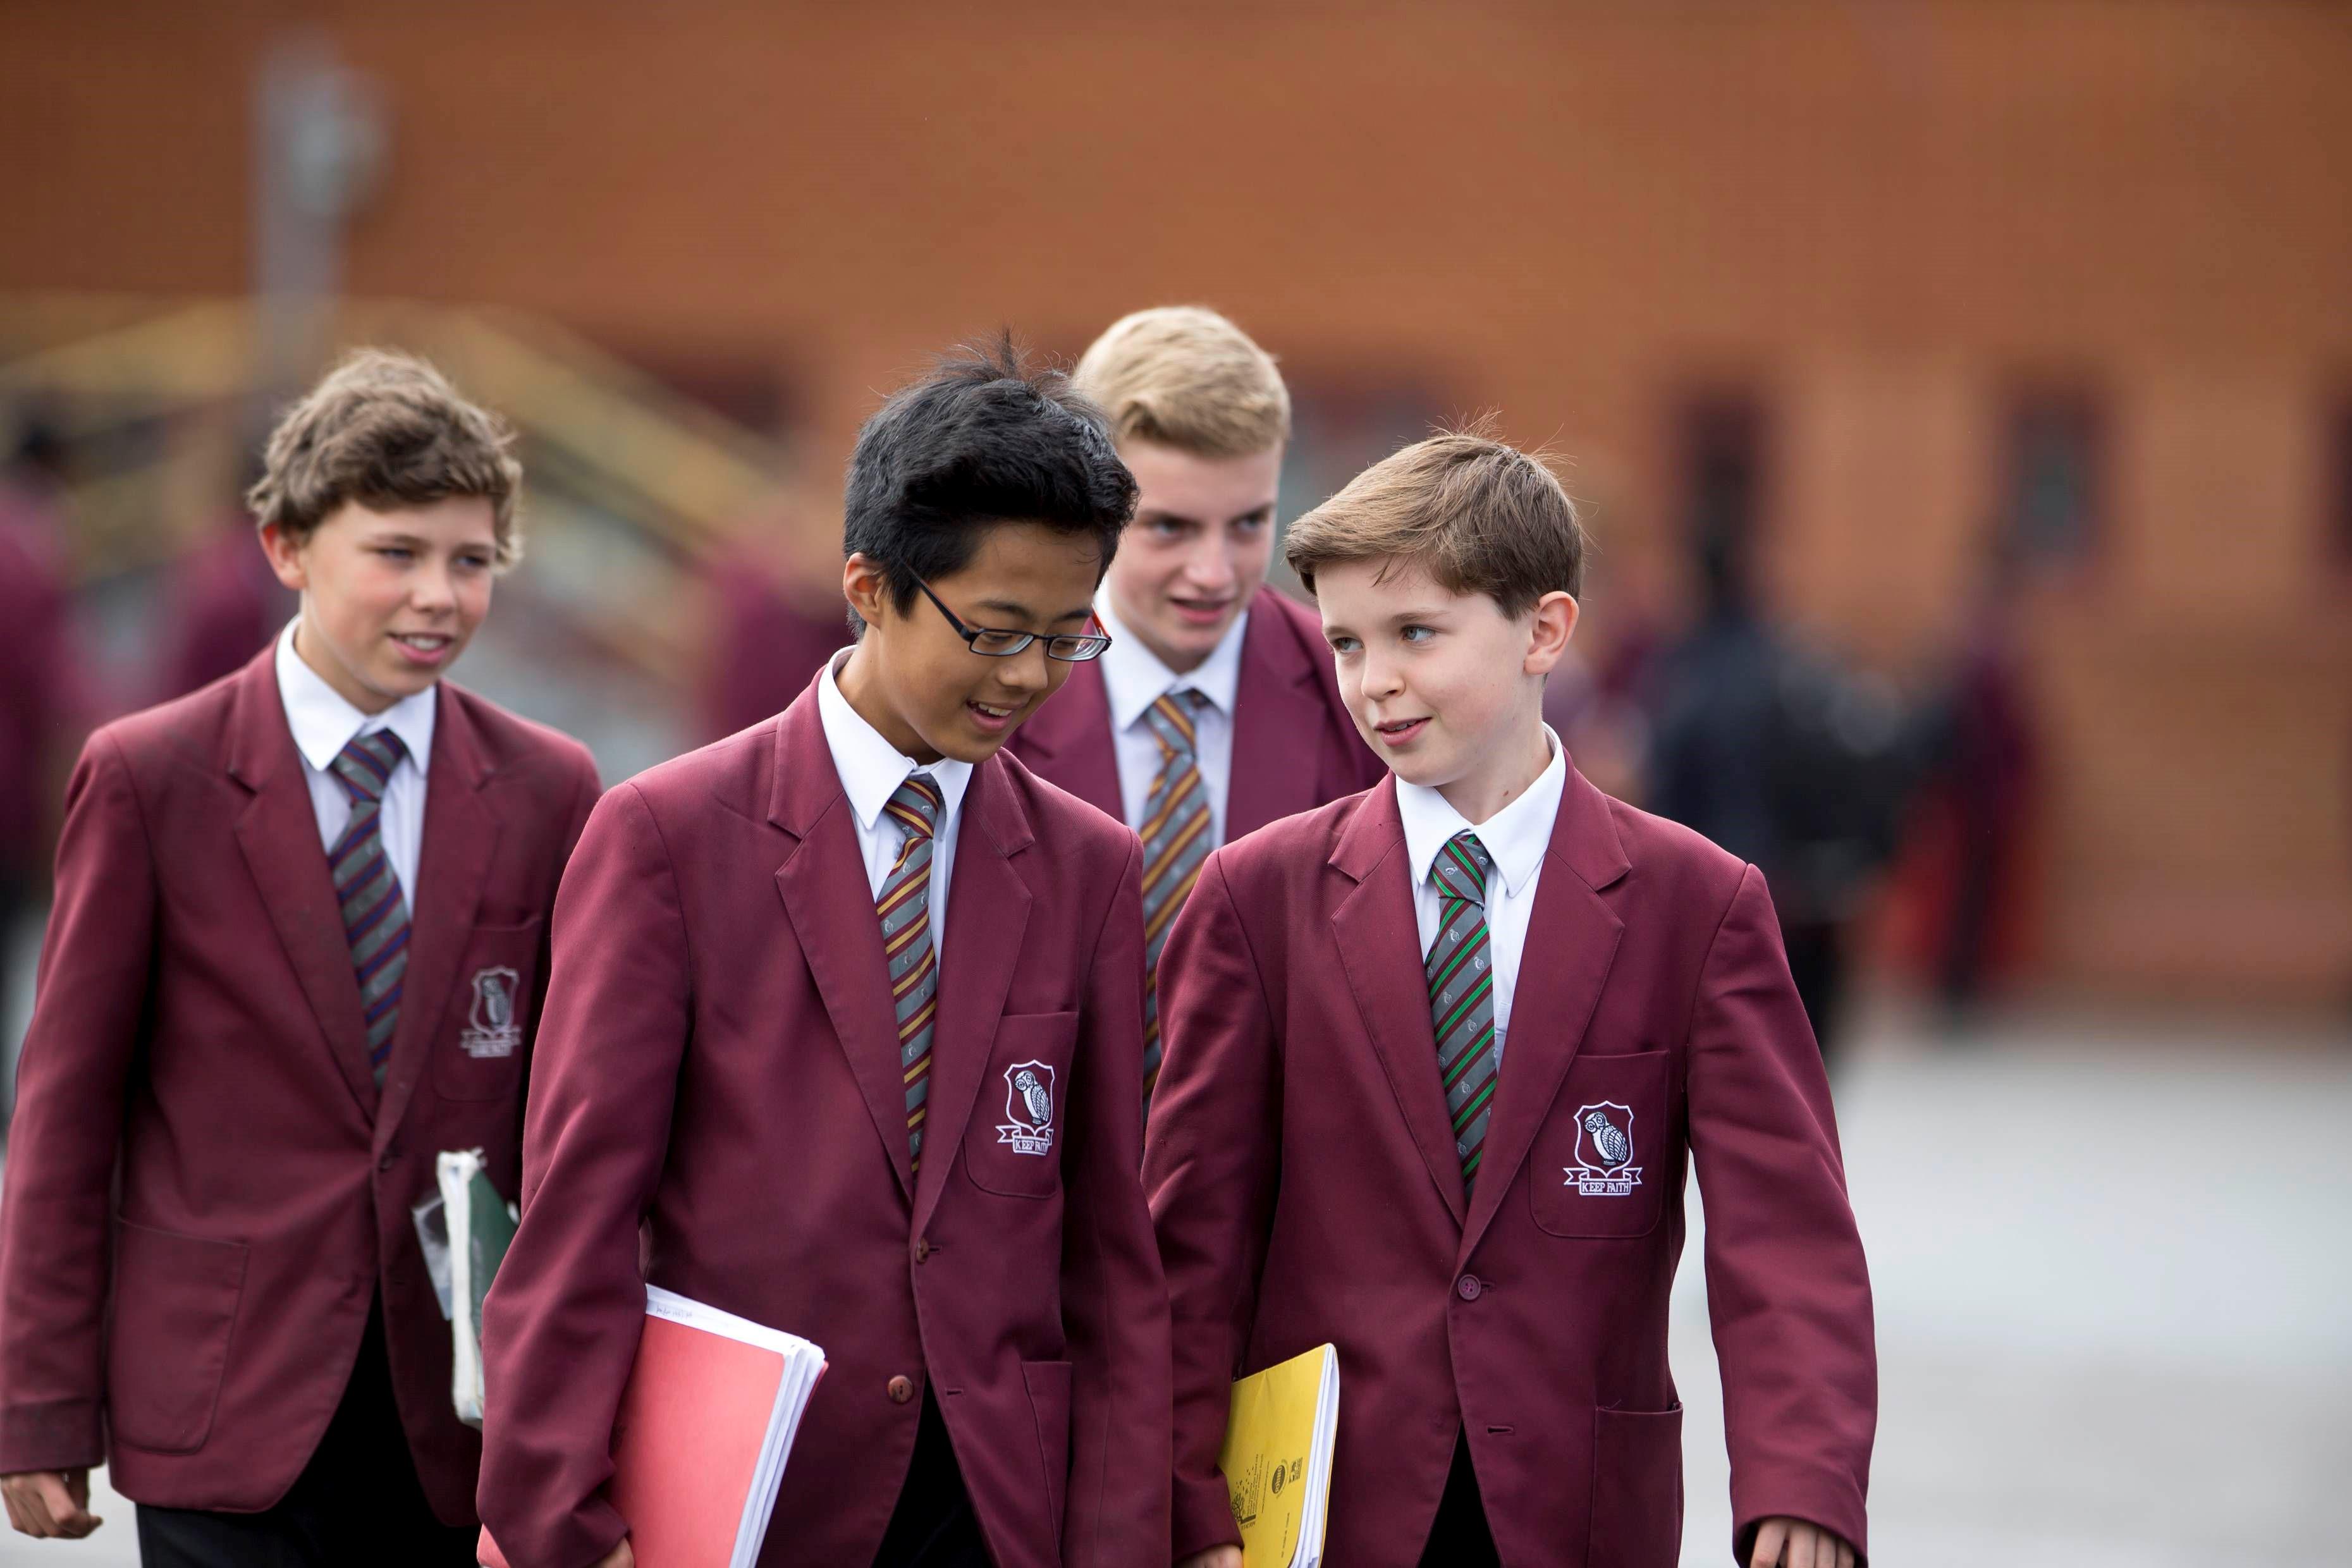 ENJOY AND SPEAK año escolar o trimestre en el reino unido